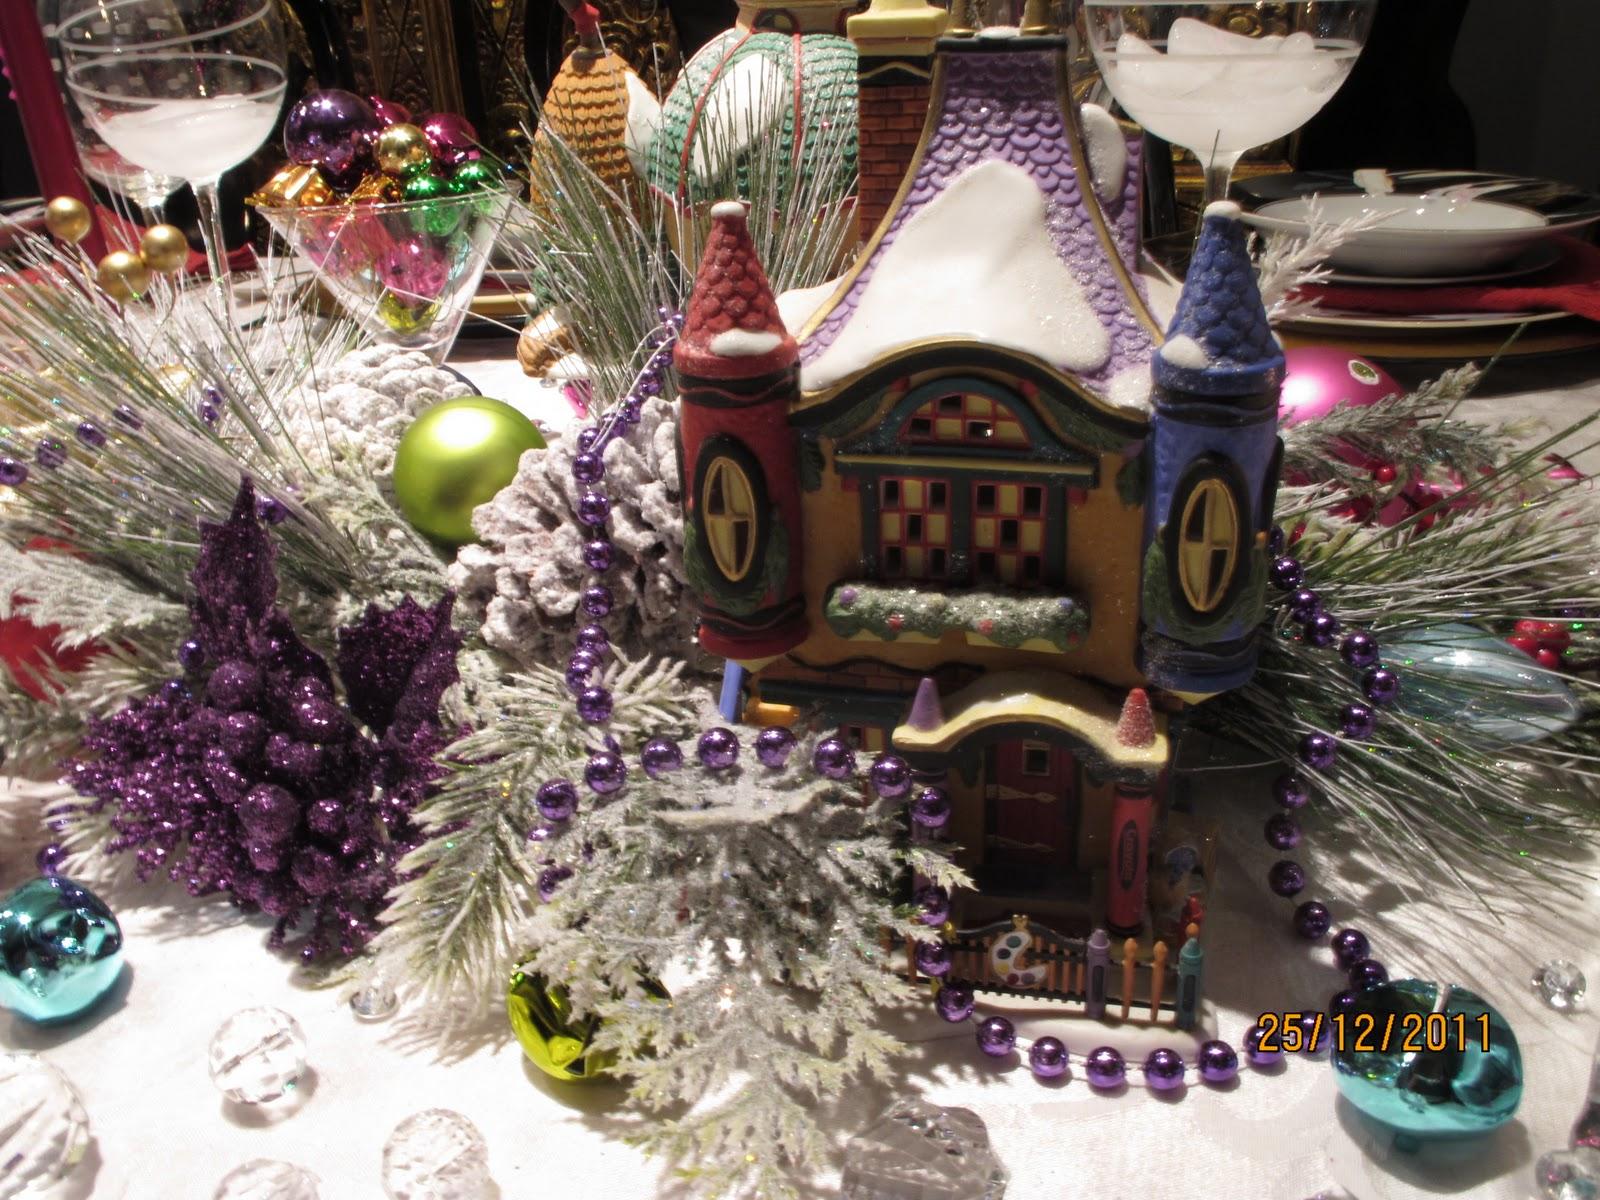 Christmas Village Fun Blog: Decorating the Christmas Table ...